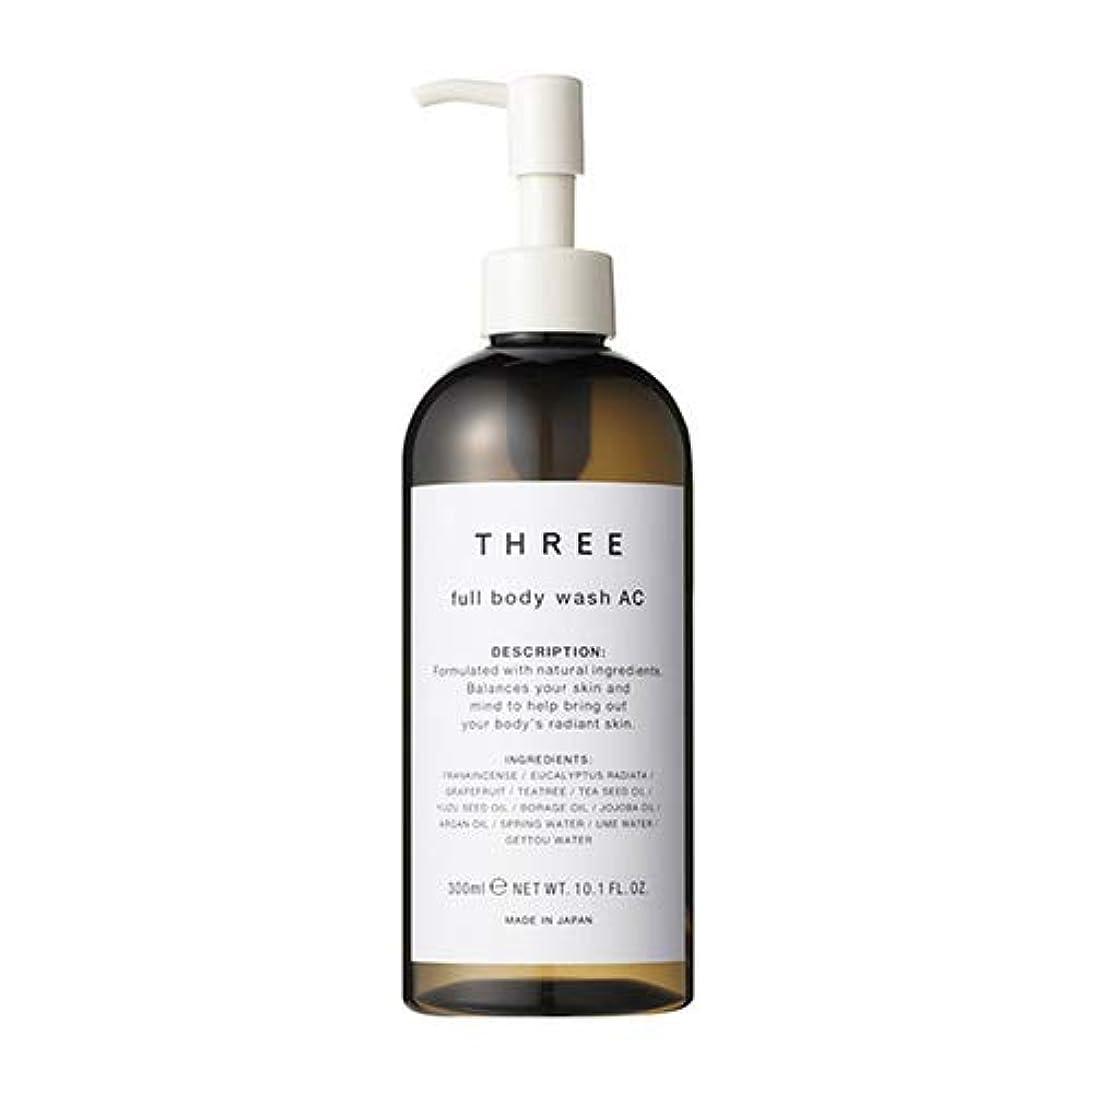 一元化するベース学部長FIVEISM × THREE(ファイブイズム バイ スリー)THREE フルボディ ウォッシュ AC